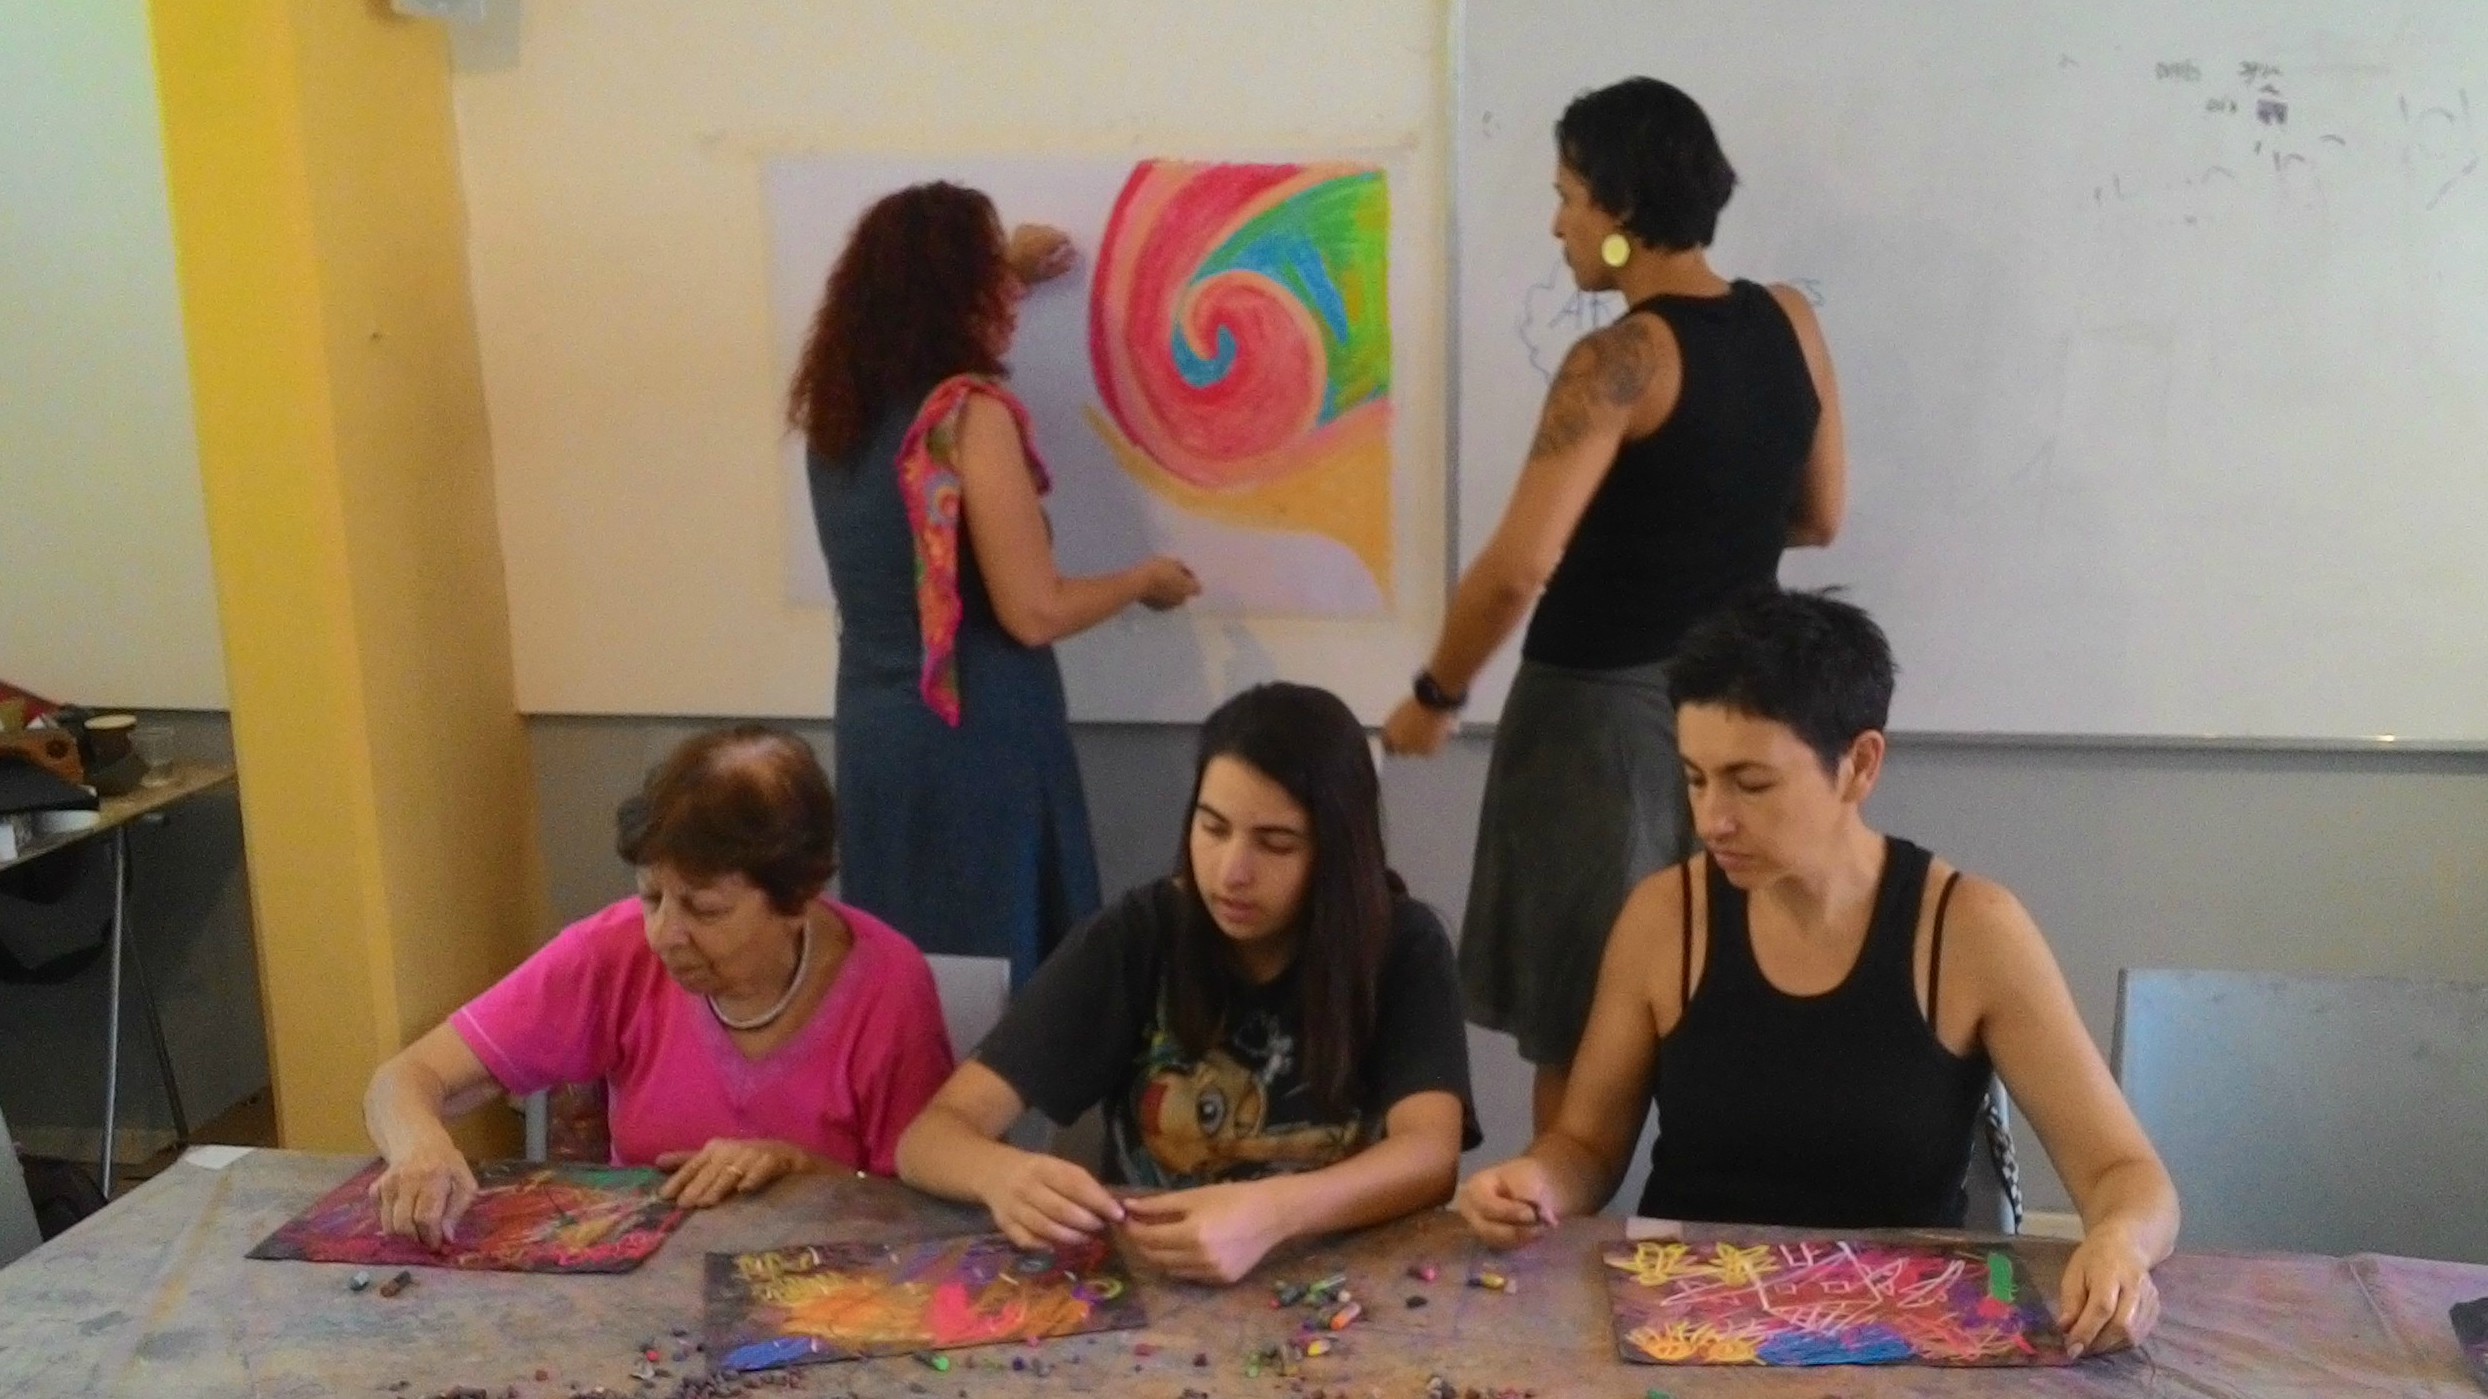 משפחה מציירת יחד על רקע ציור פנדה